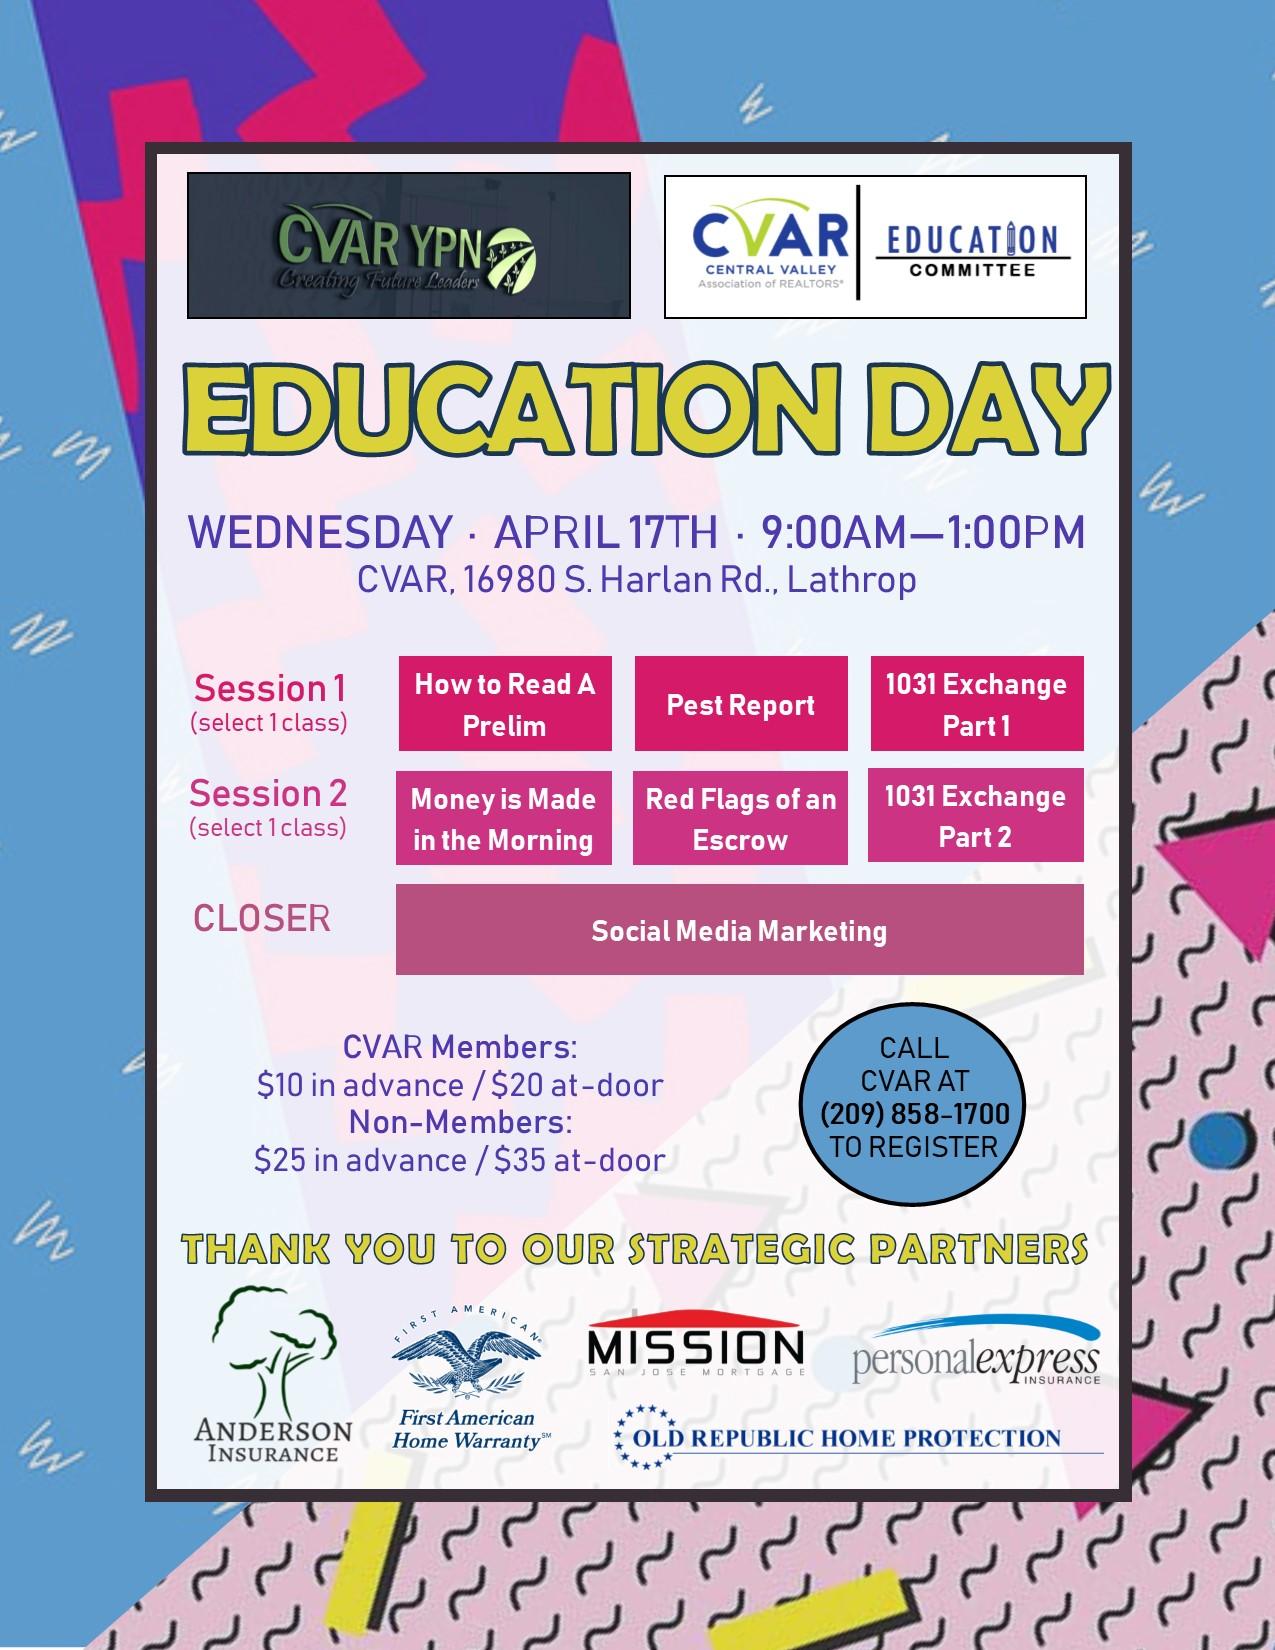 YPN Education Day @ CVAR